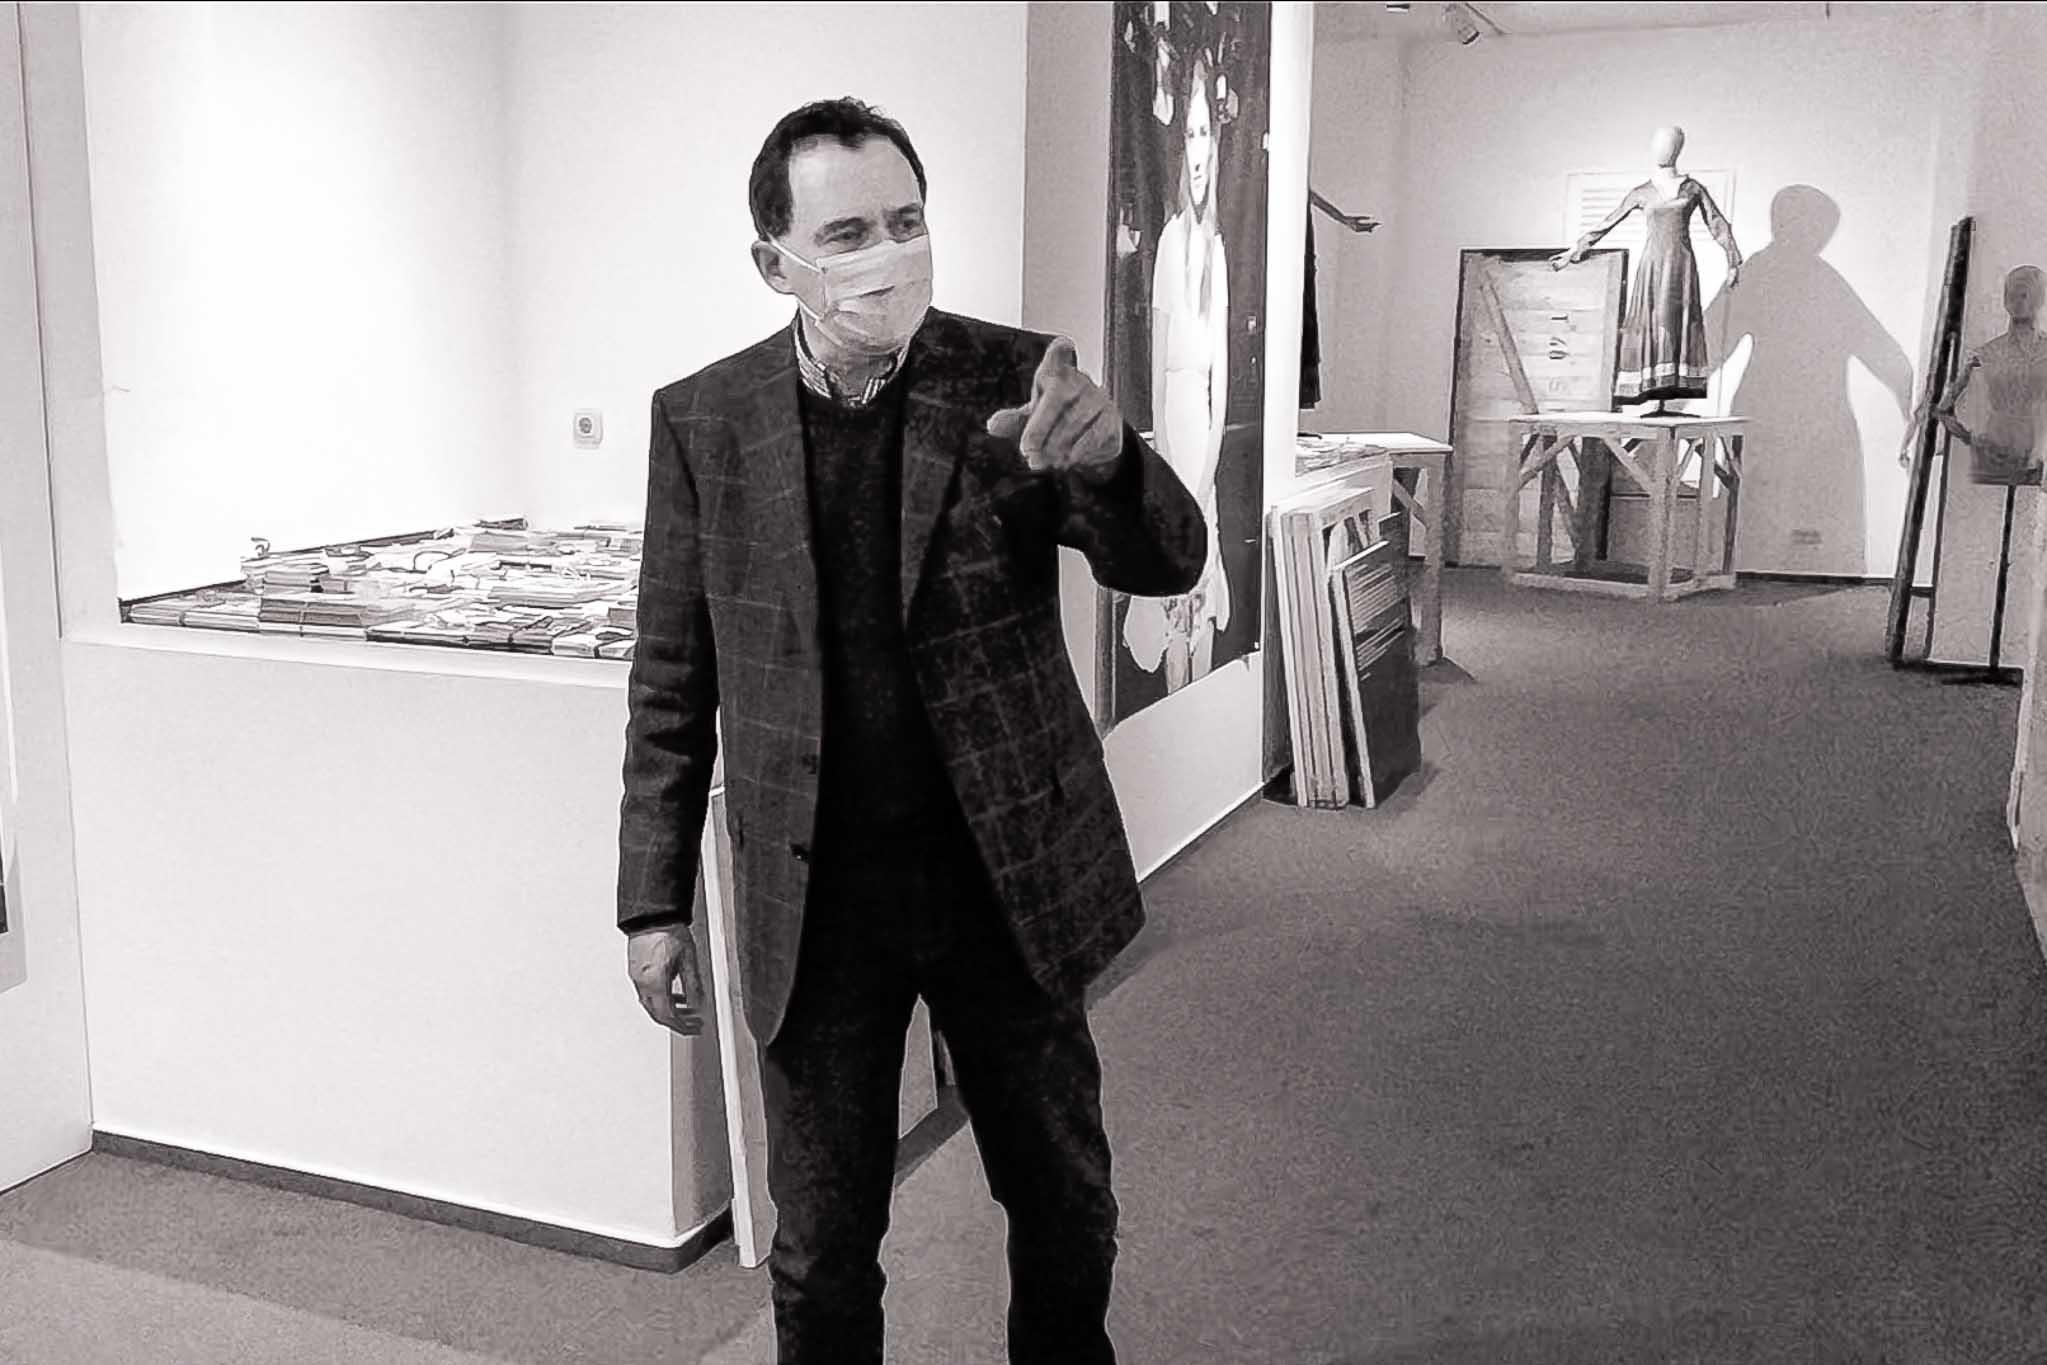 Carsten im Eingangsbereich der Ausstellung